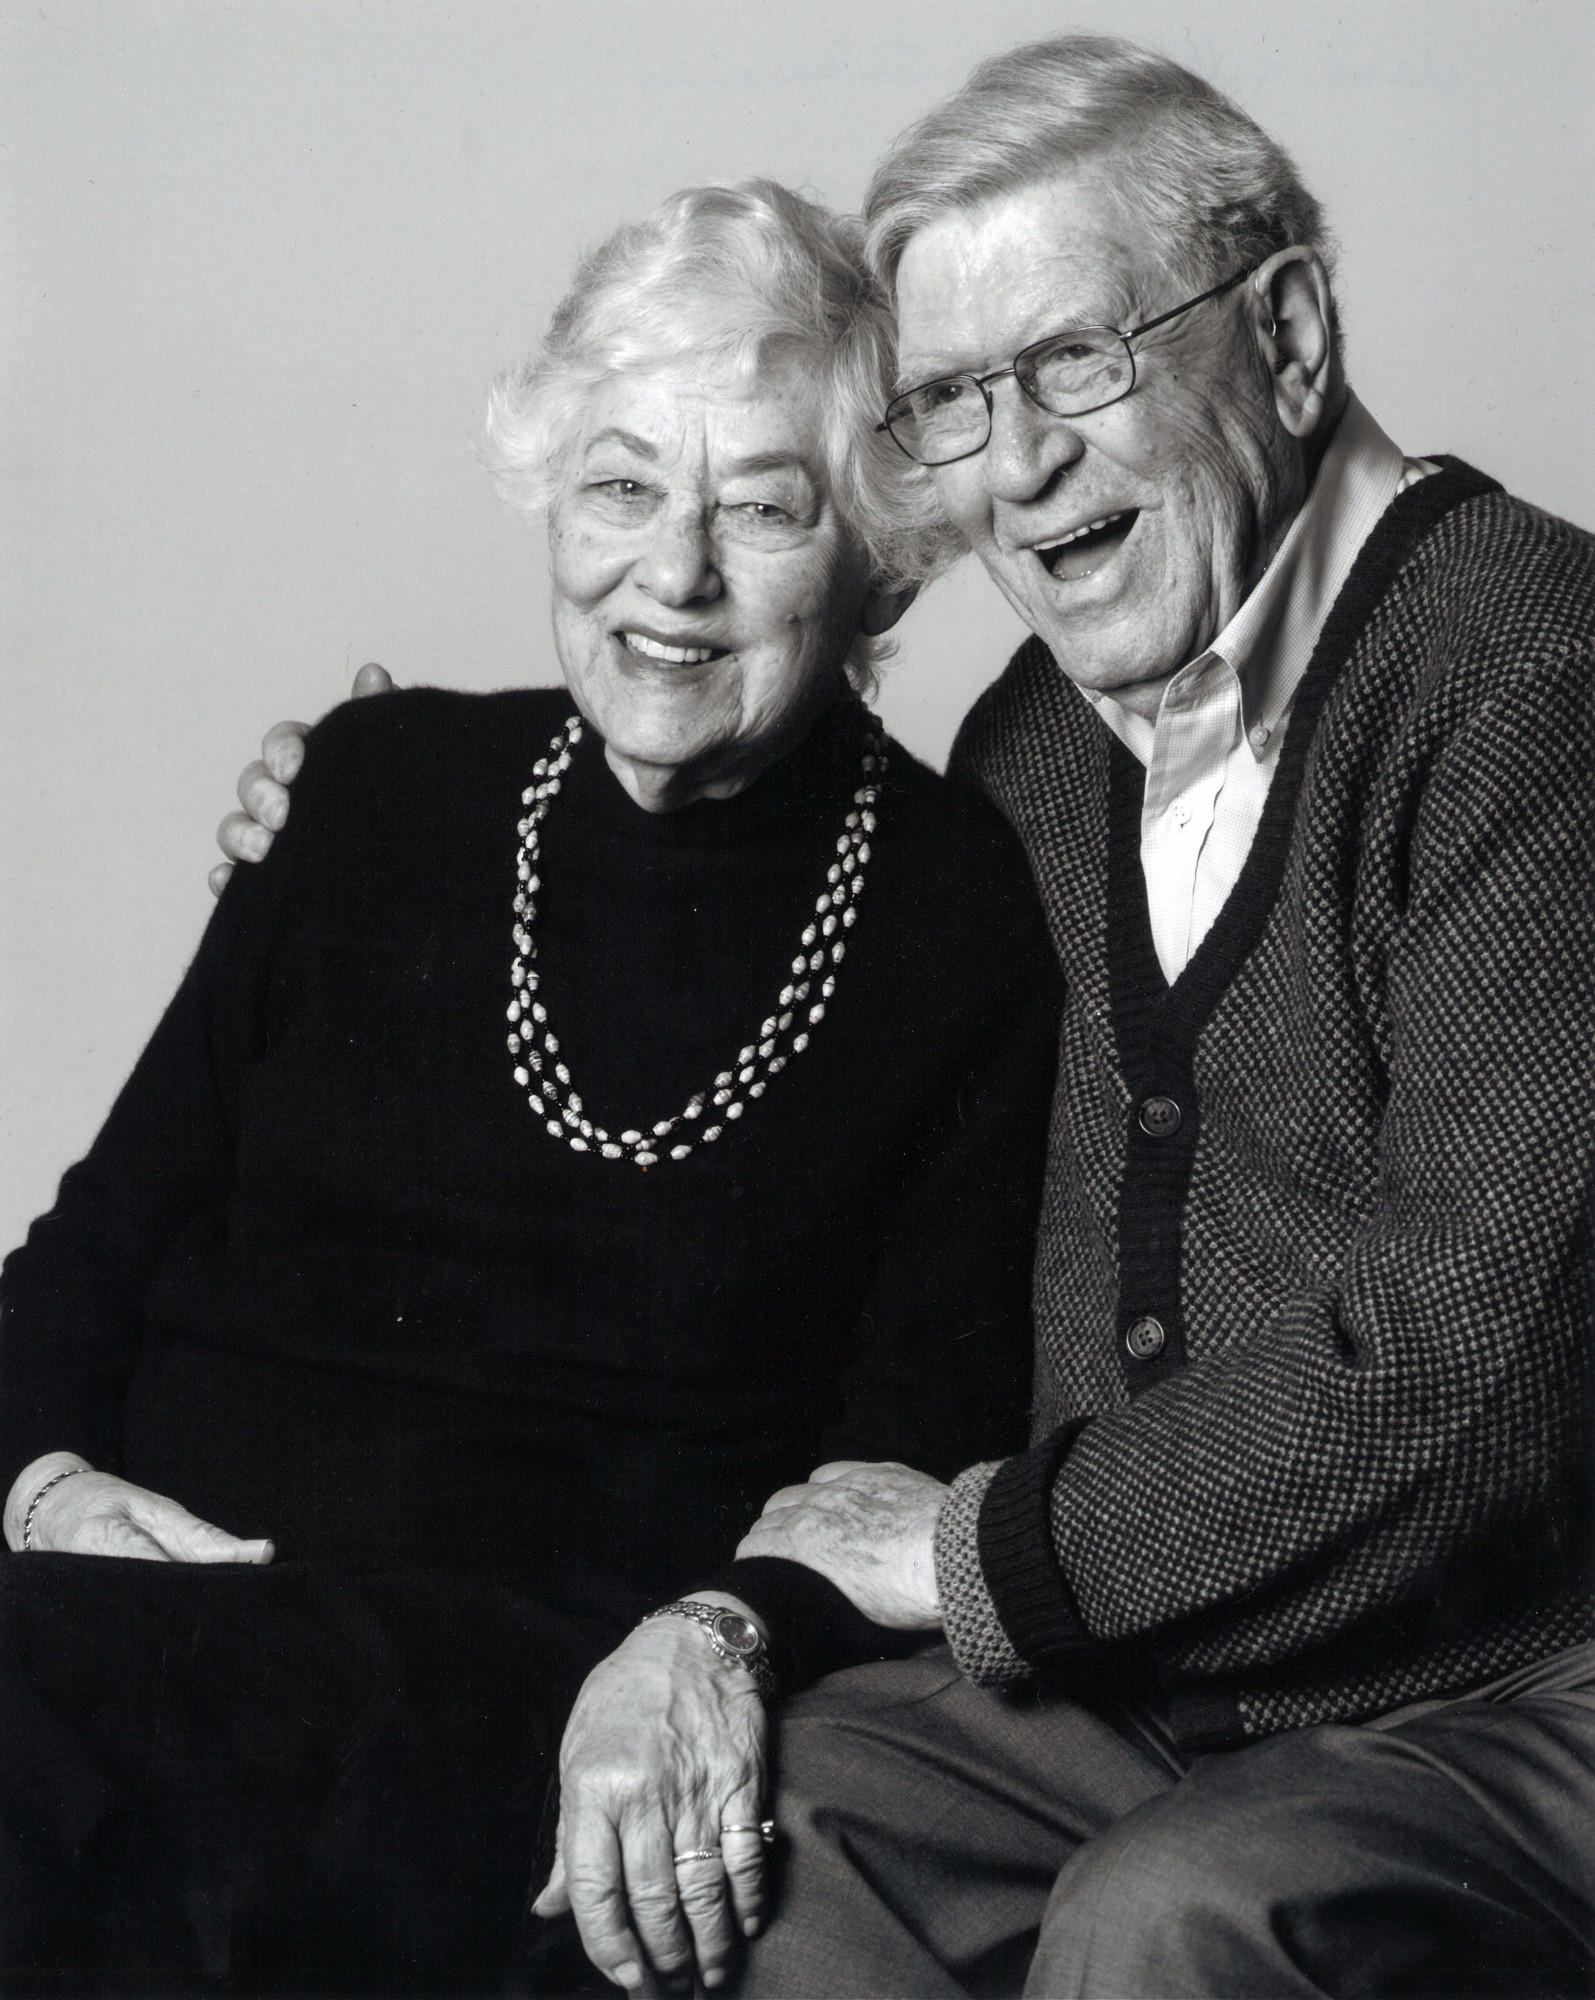 Hanne and Max Liebmann